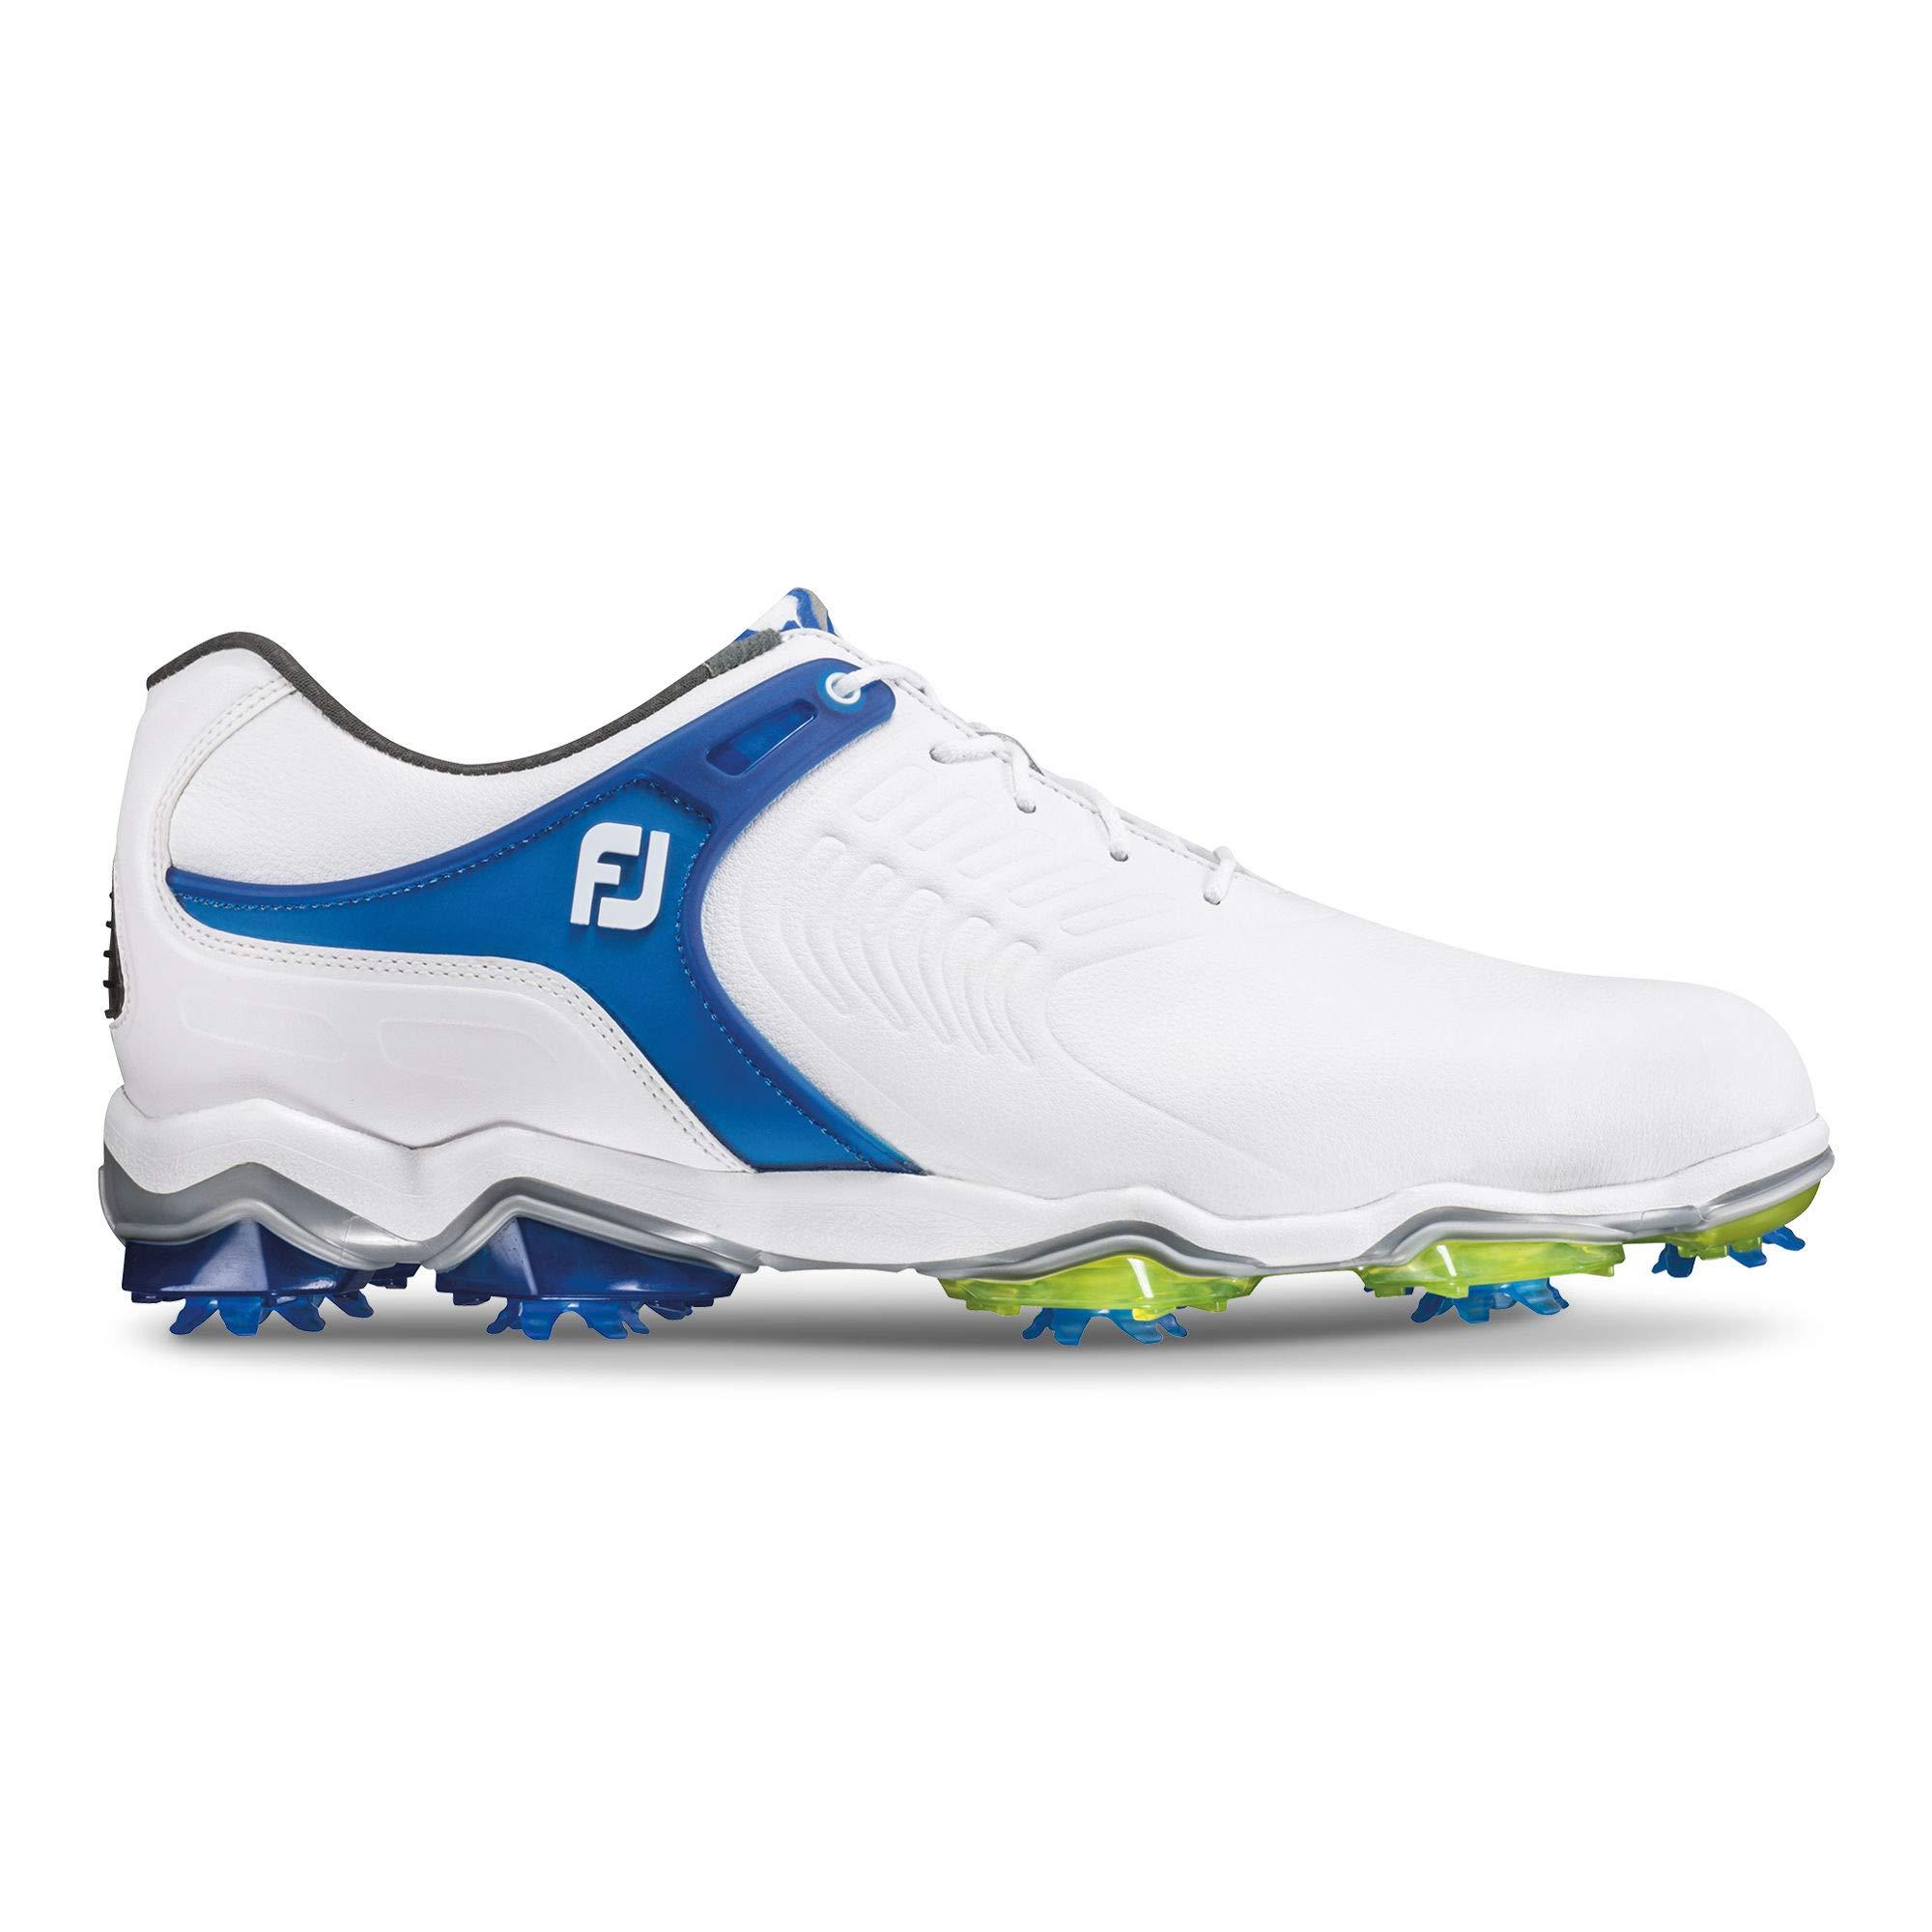 FootJoy Men's Tour-S Golf Shoes White 12 M Blue, US by FootJoy